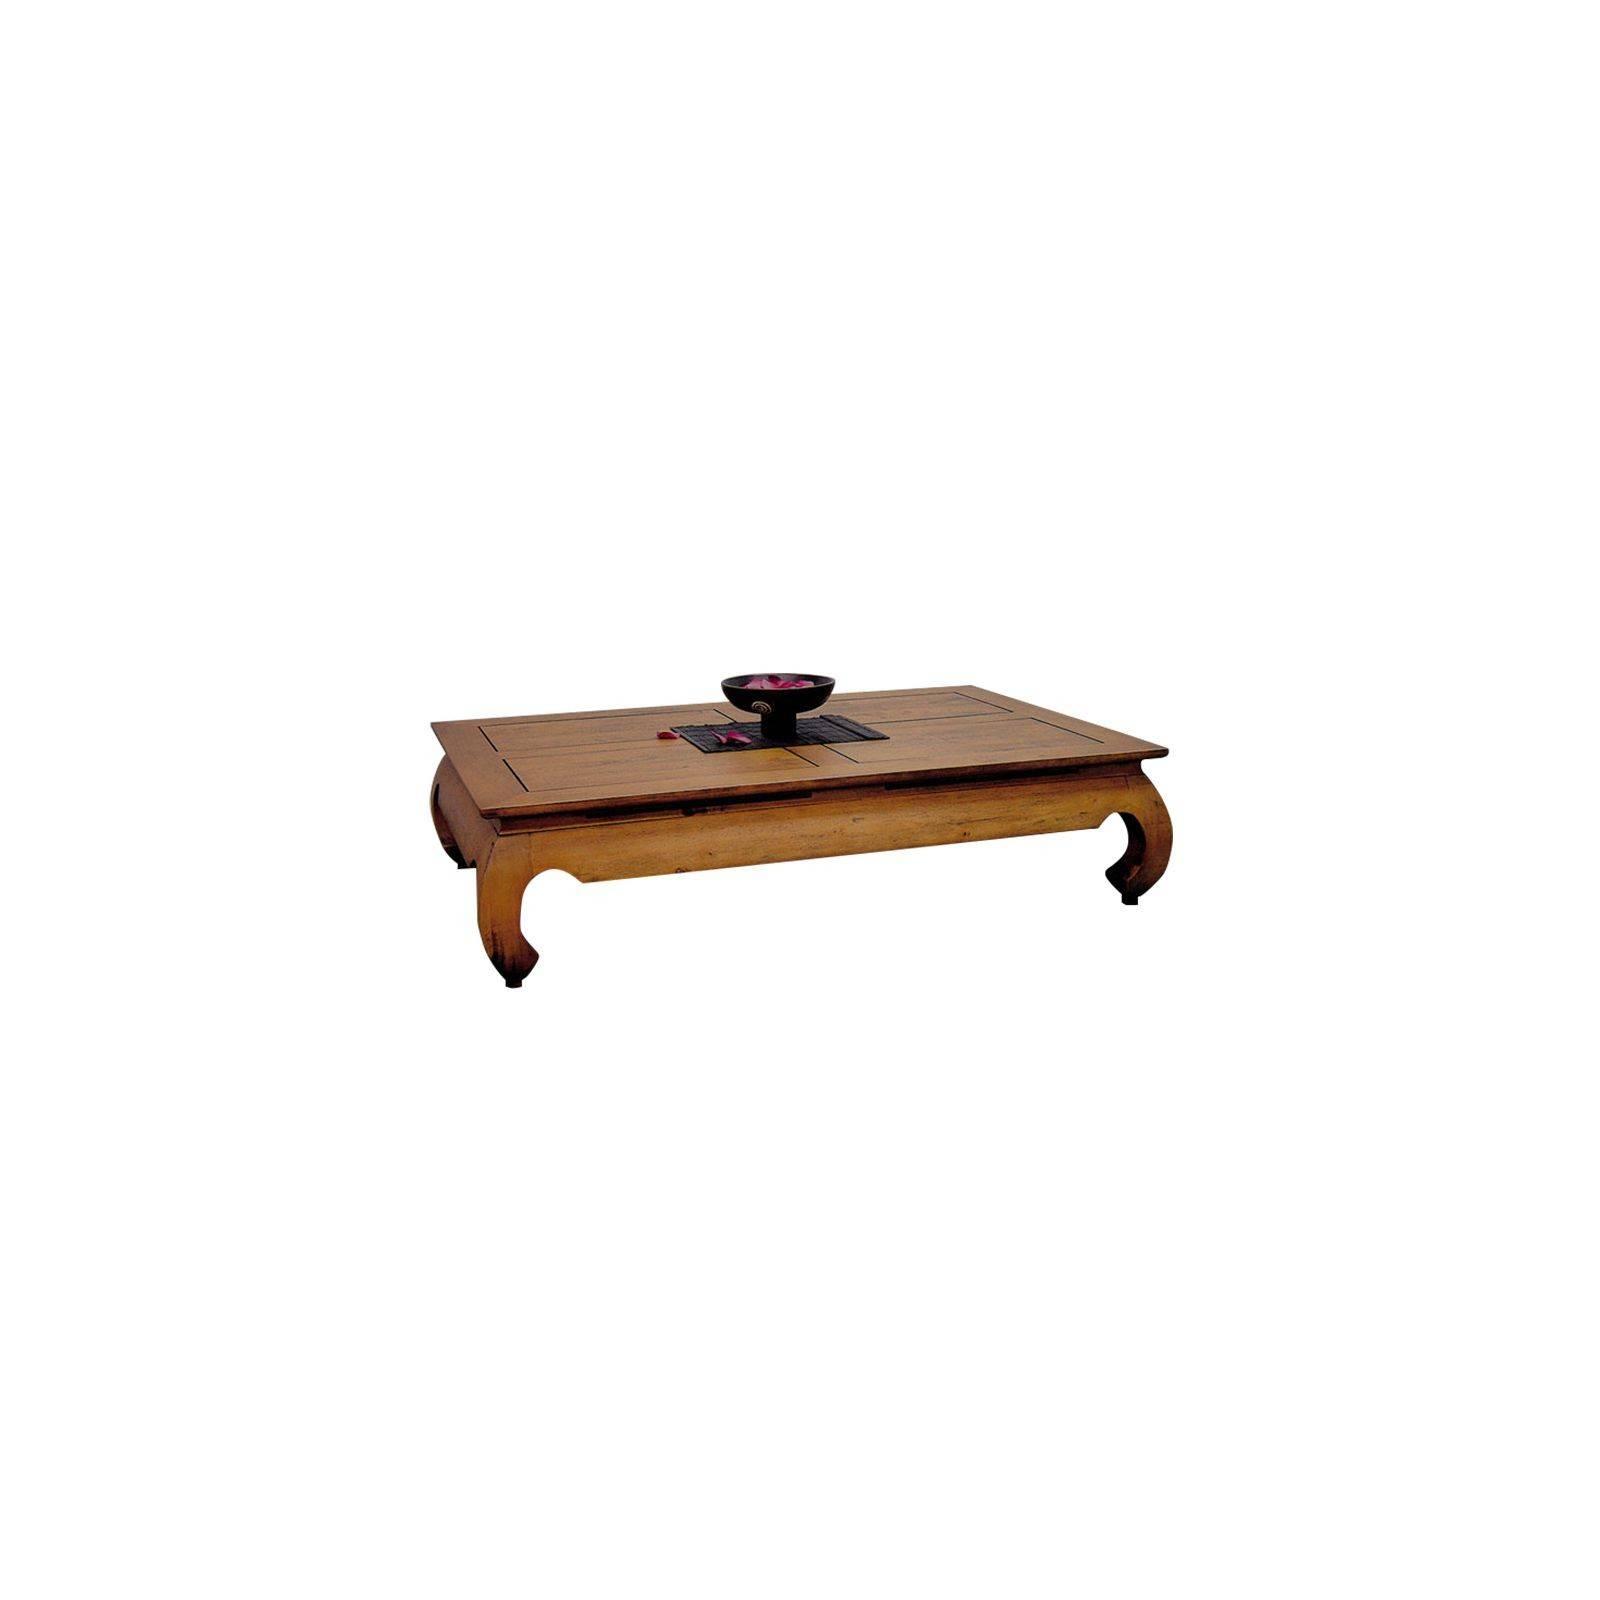 Table Basse Rectangulaire GM Opium Chine Hévéa Massif - table de salon